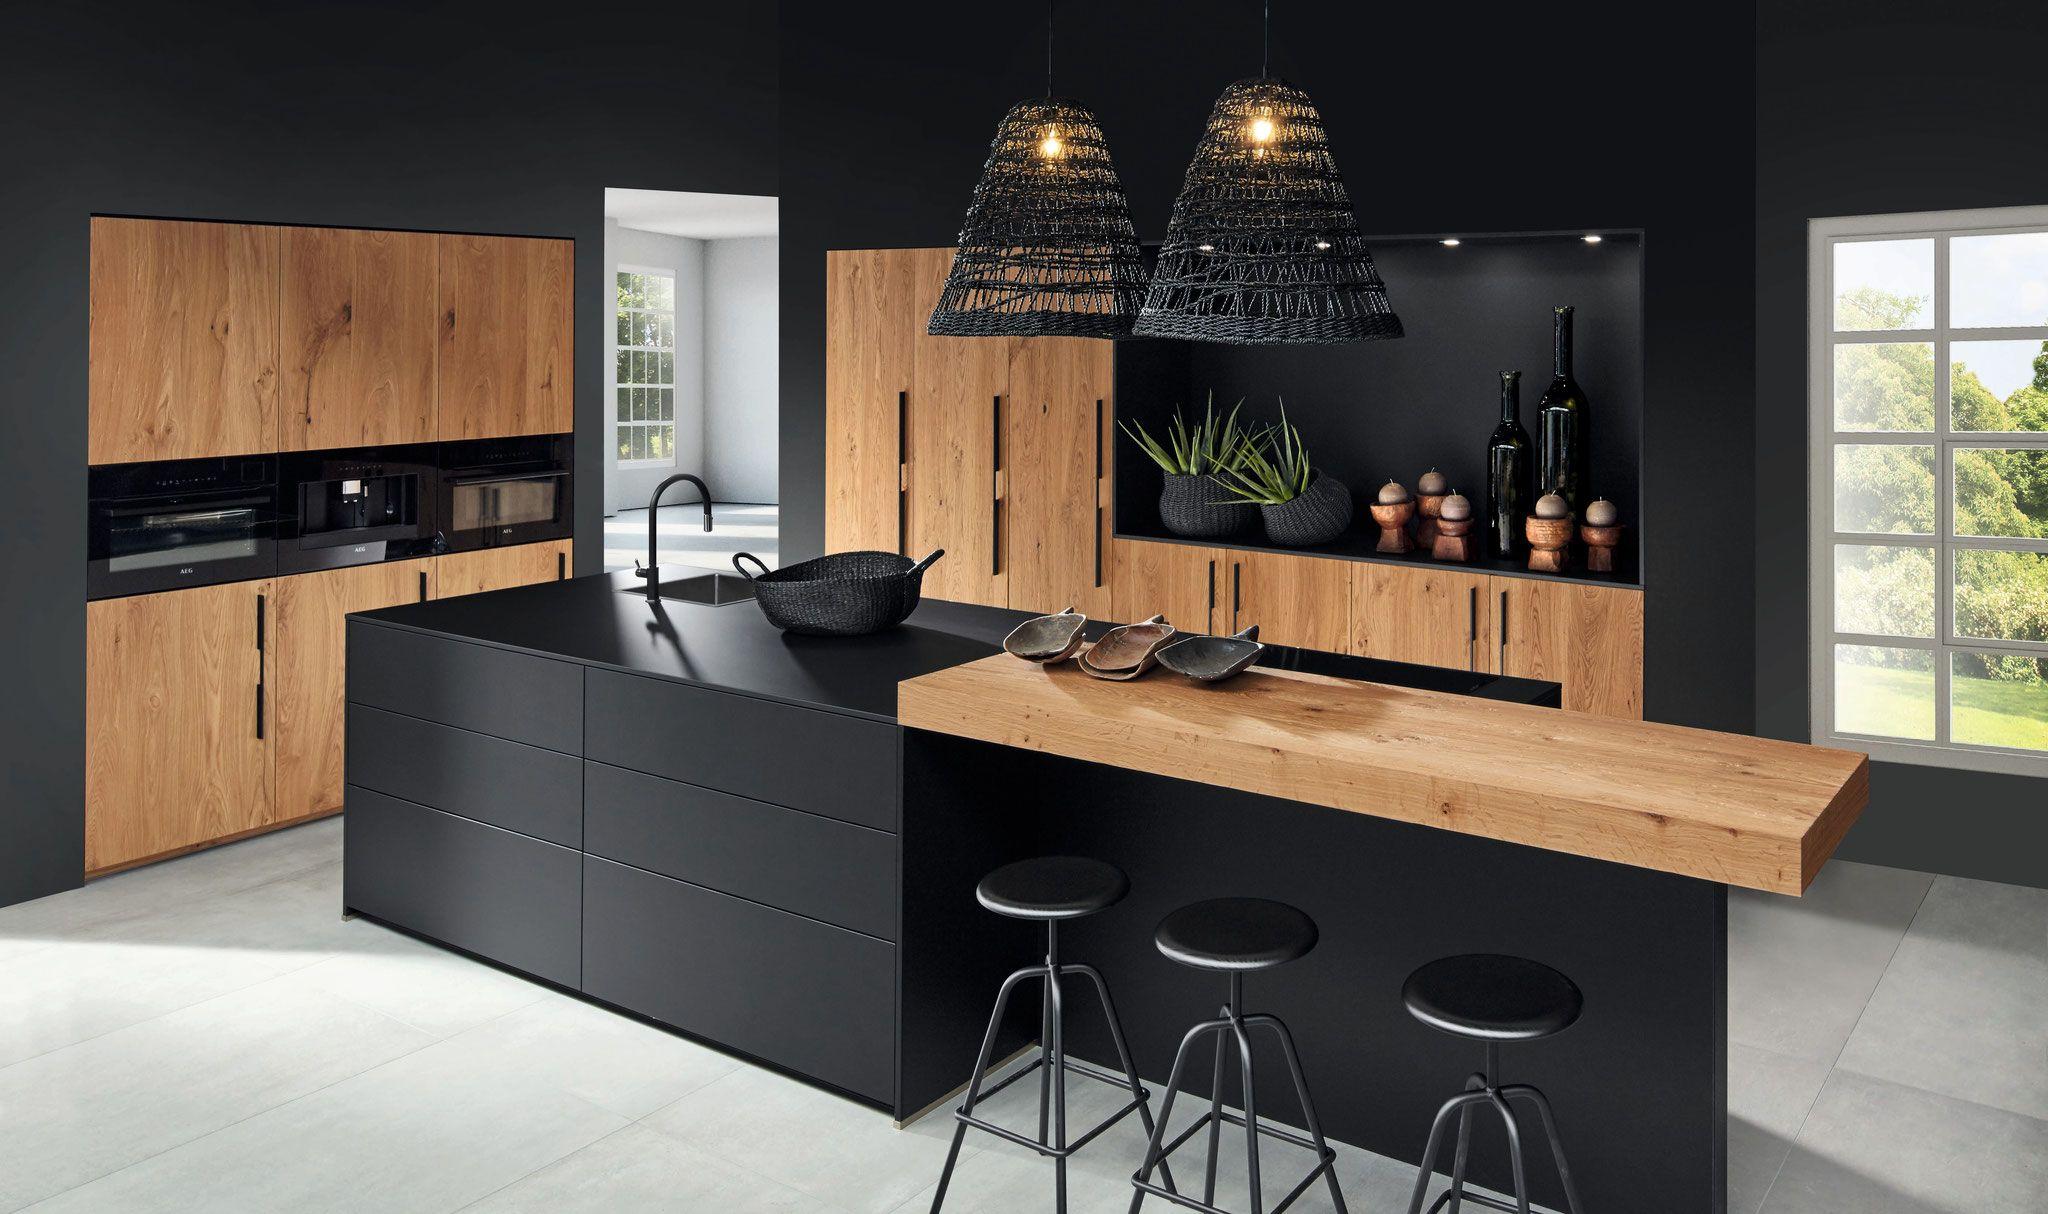 Cuisine Design Haut De Gamme Meubles Allemand Et Francais Sur Mesure Cuisine Interieur Design Toulouse Cuisine Design Moderne Cuisine Moderne Cuisines Design